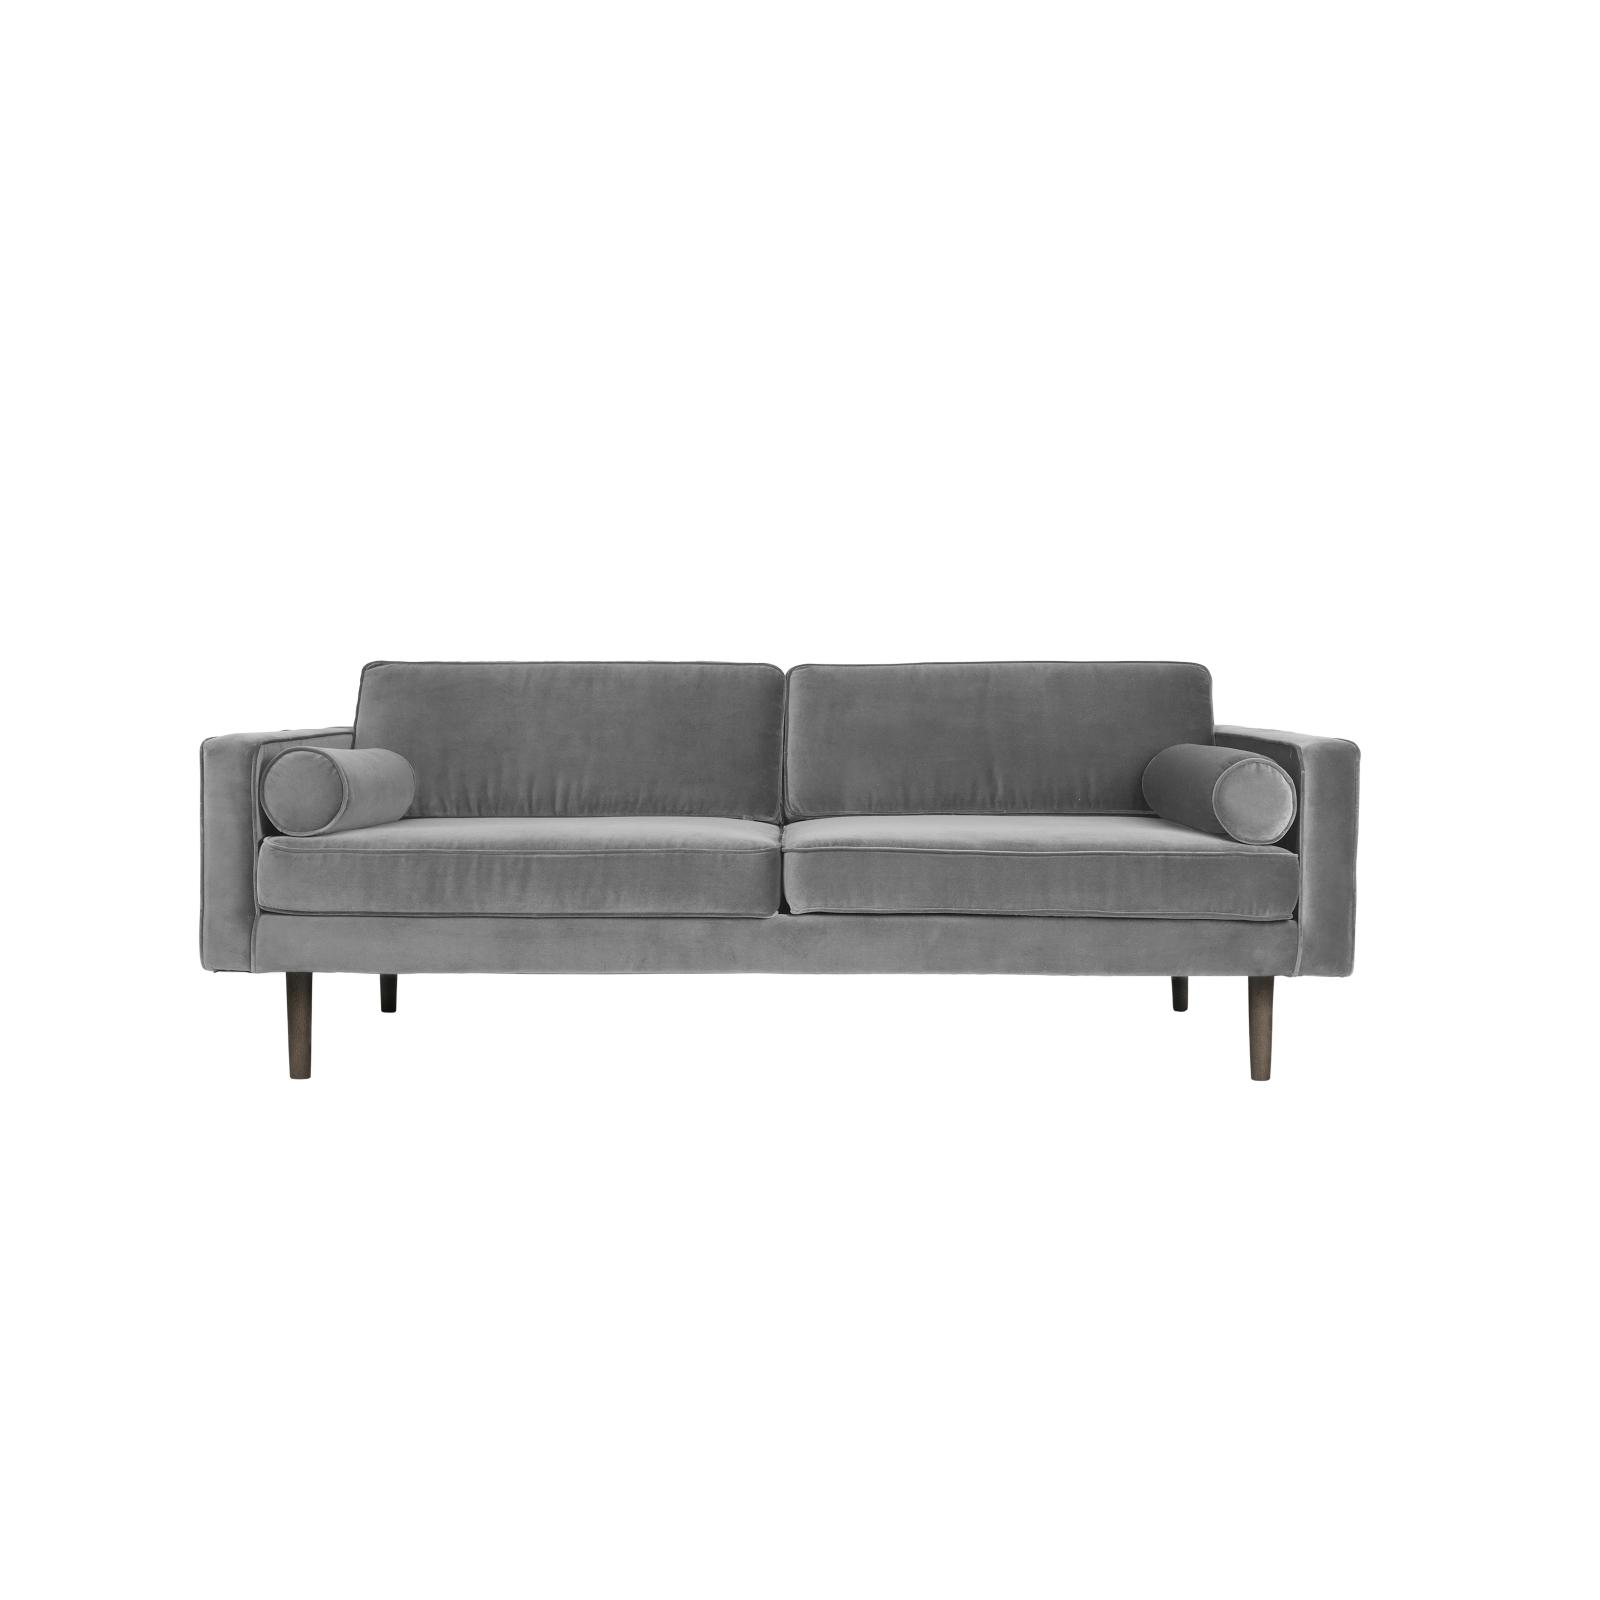 Soffa grå sammet WIND, Broste Copenhagen